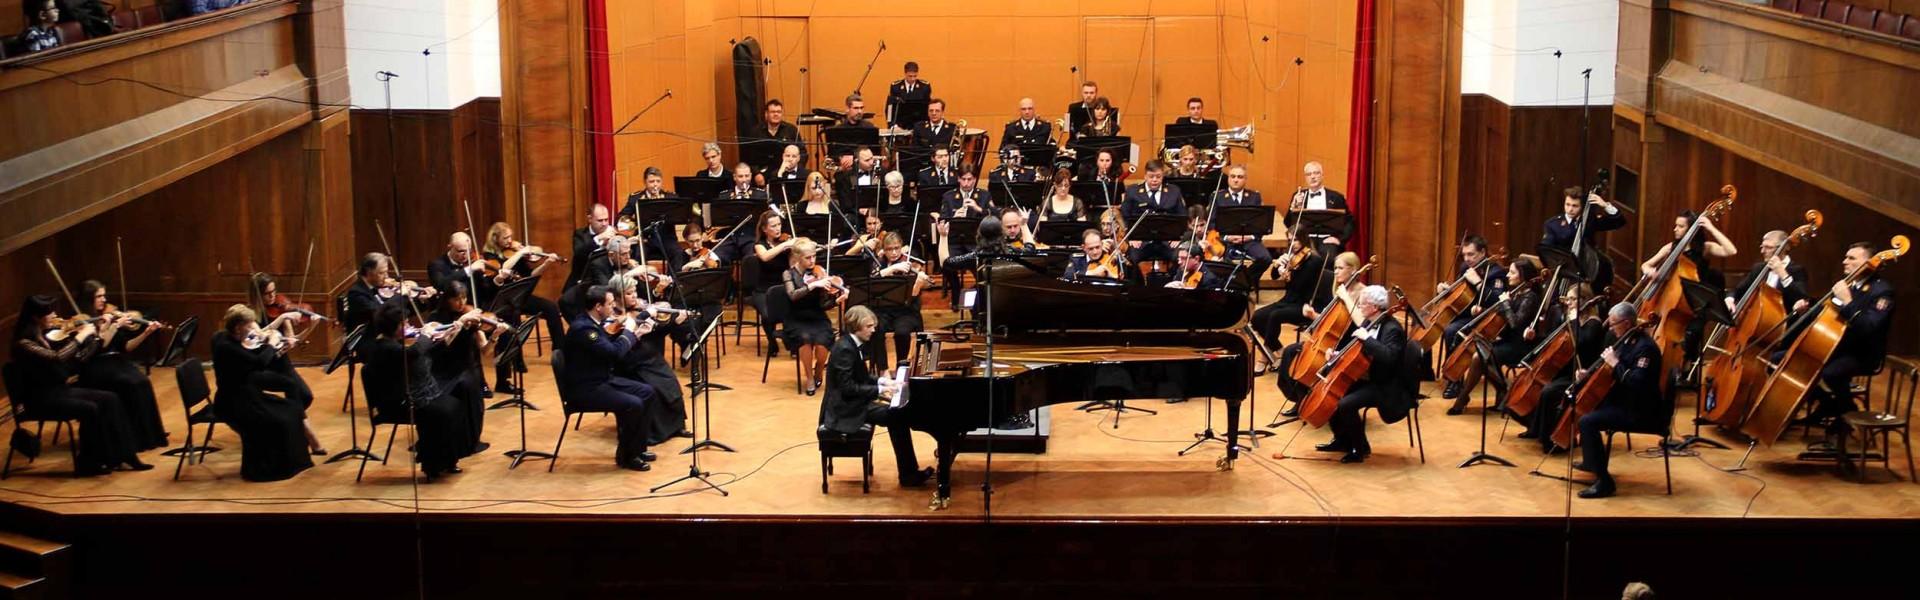 koncert-muzika-iz-novog-sveta